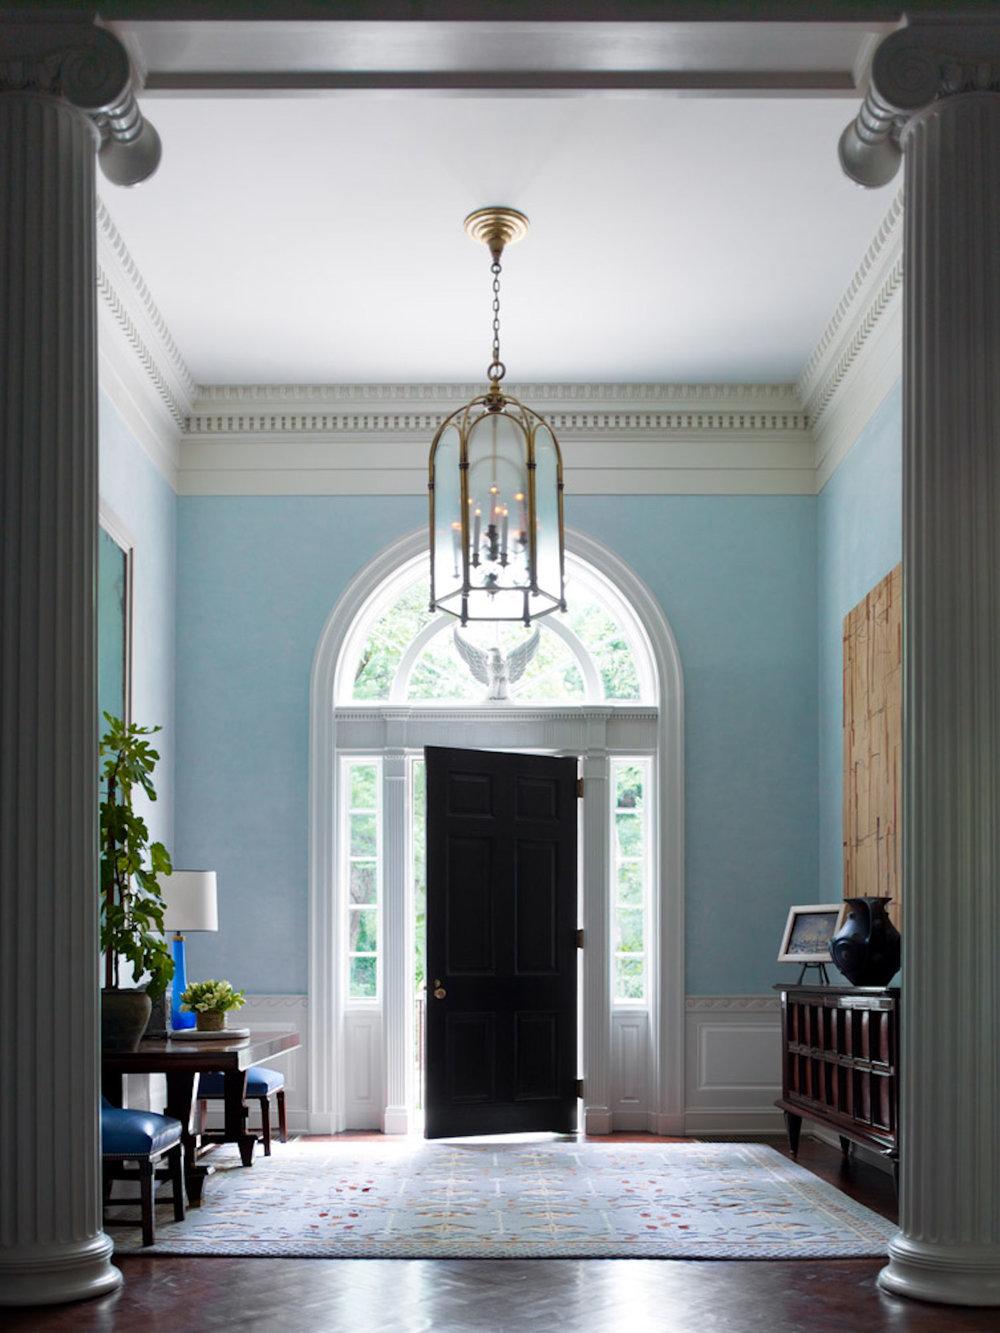 0901_entry hall front door.jpg